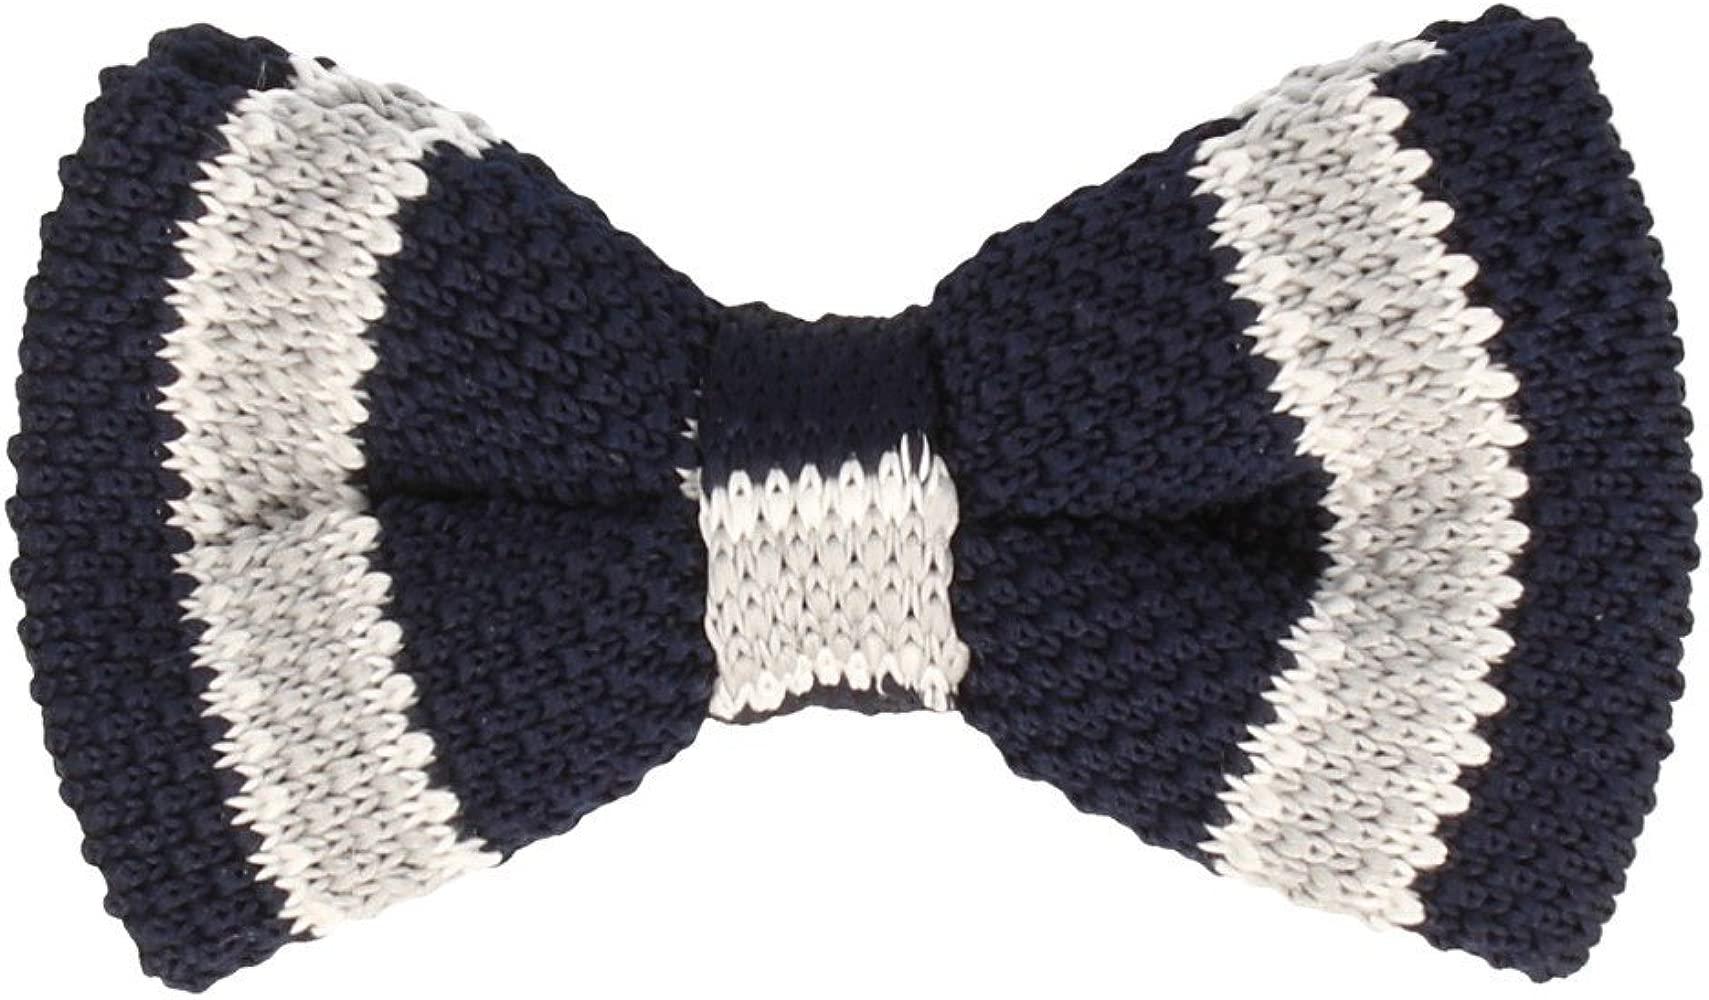 Marcell Sanders corbata de moño Límite de punto de algodón azul ...